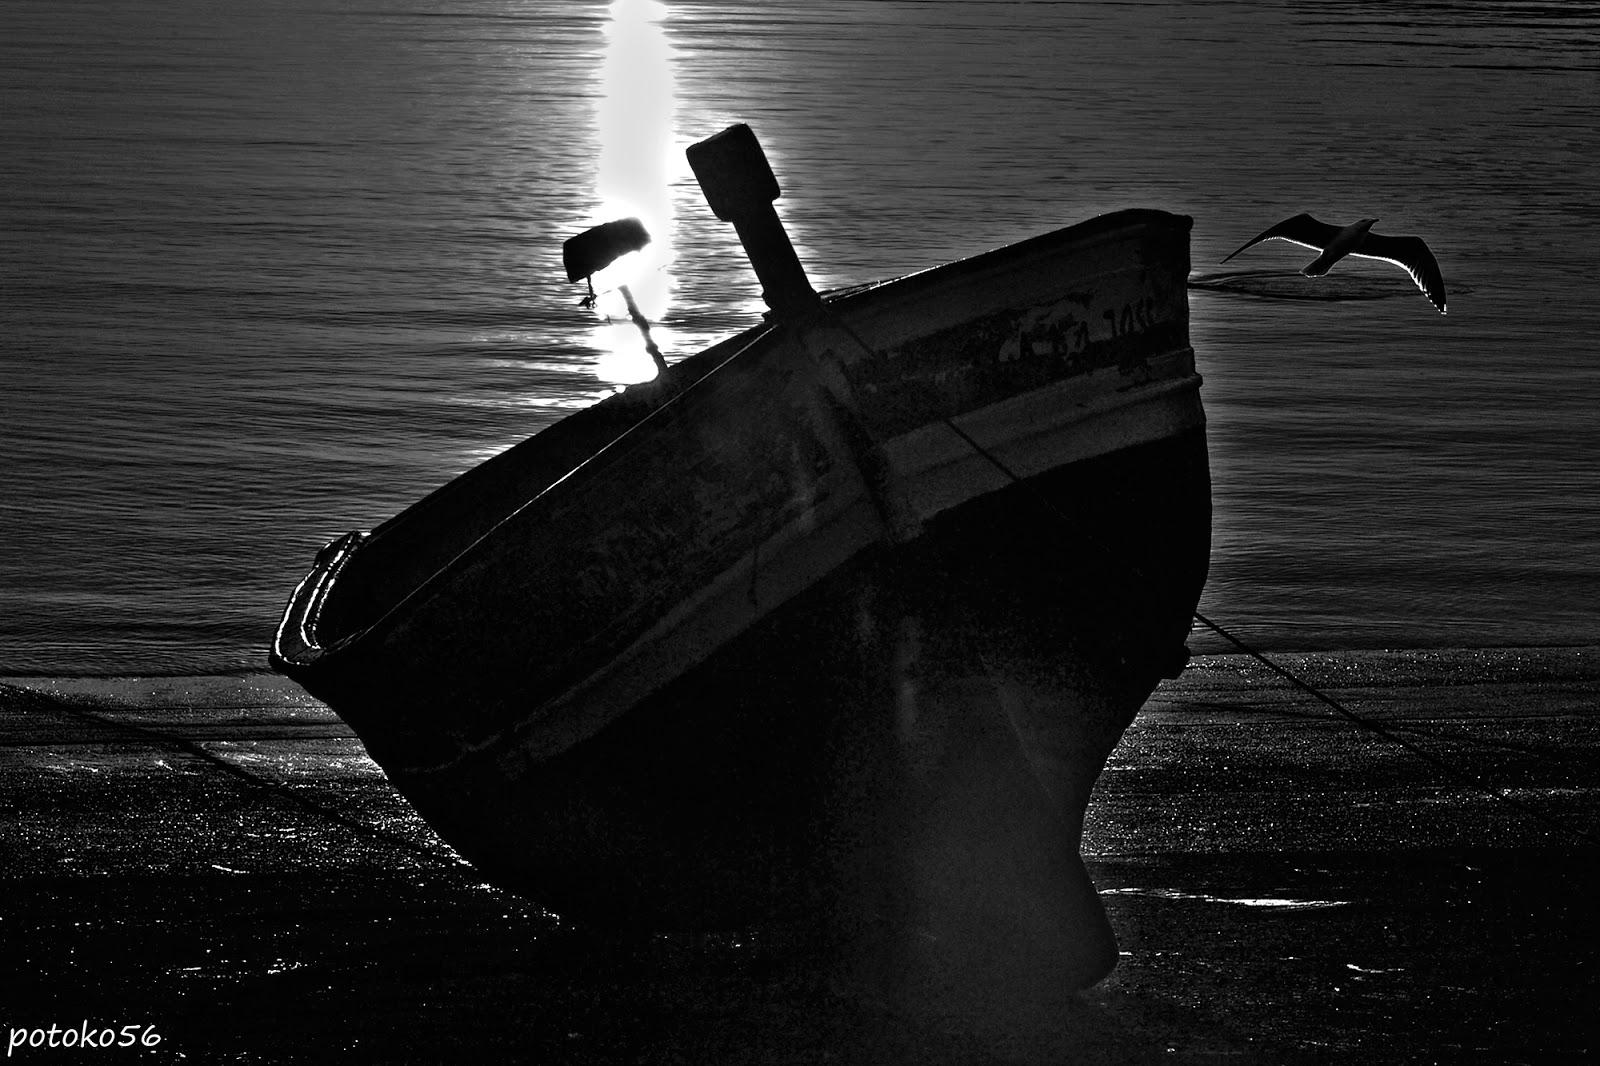 La Barca y la Gaviota